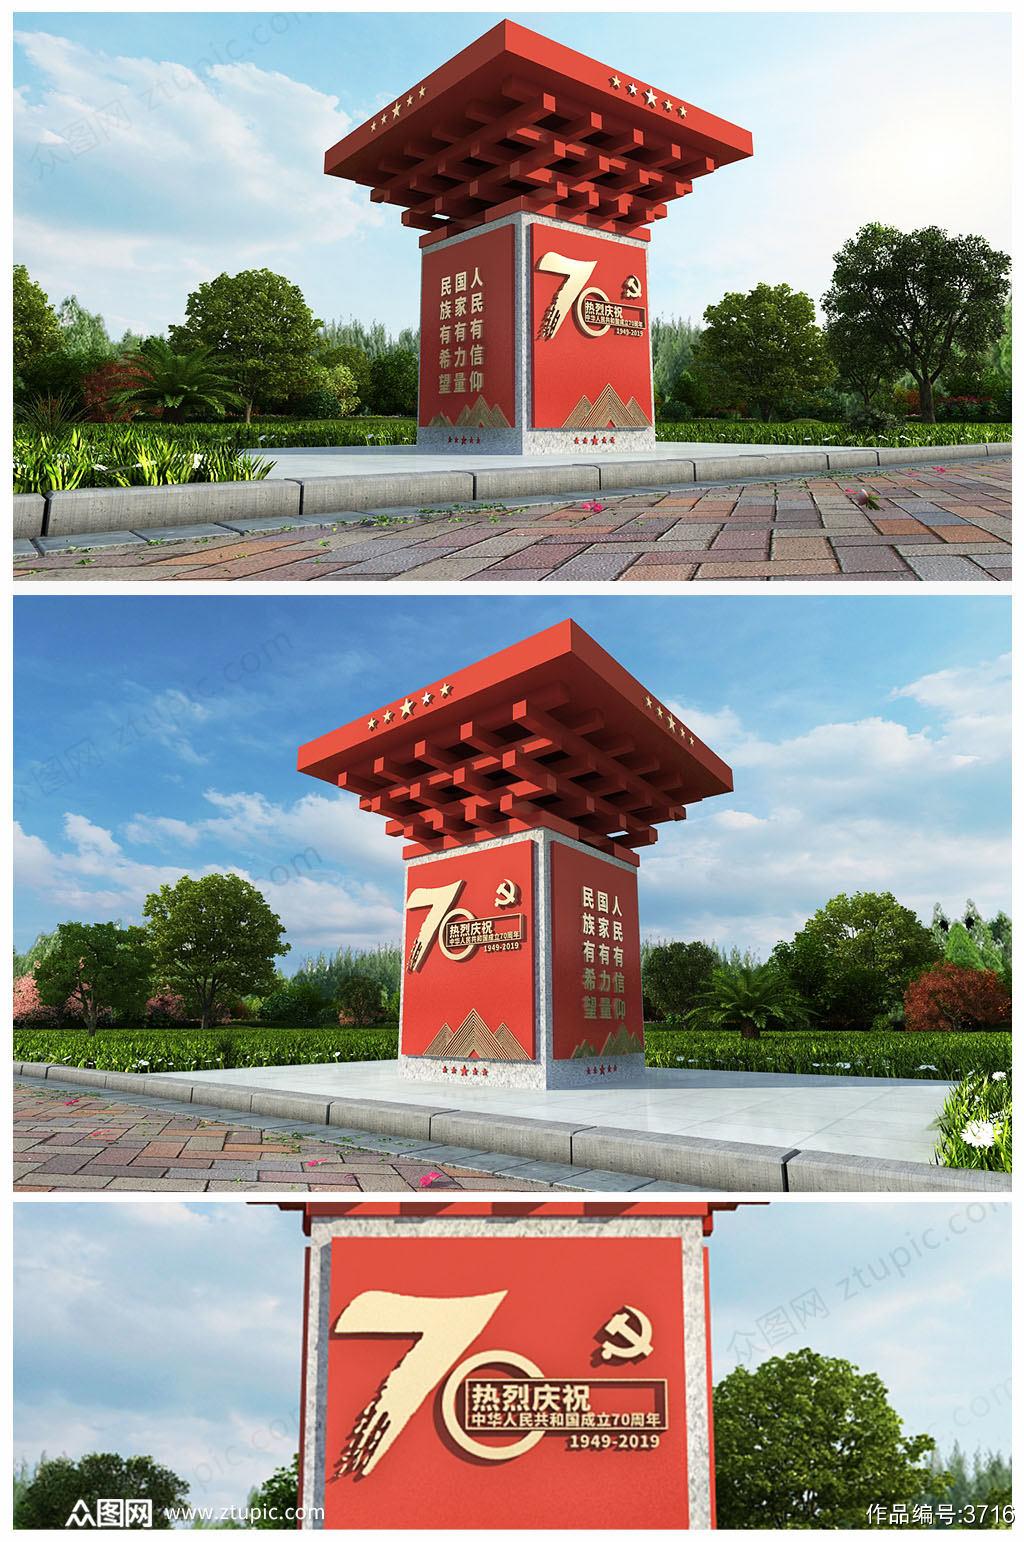 国庆花坛设计国庆雕塑党建雕塑国庆70周年素材